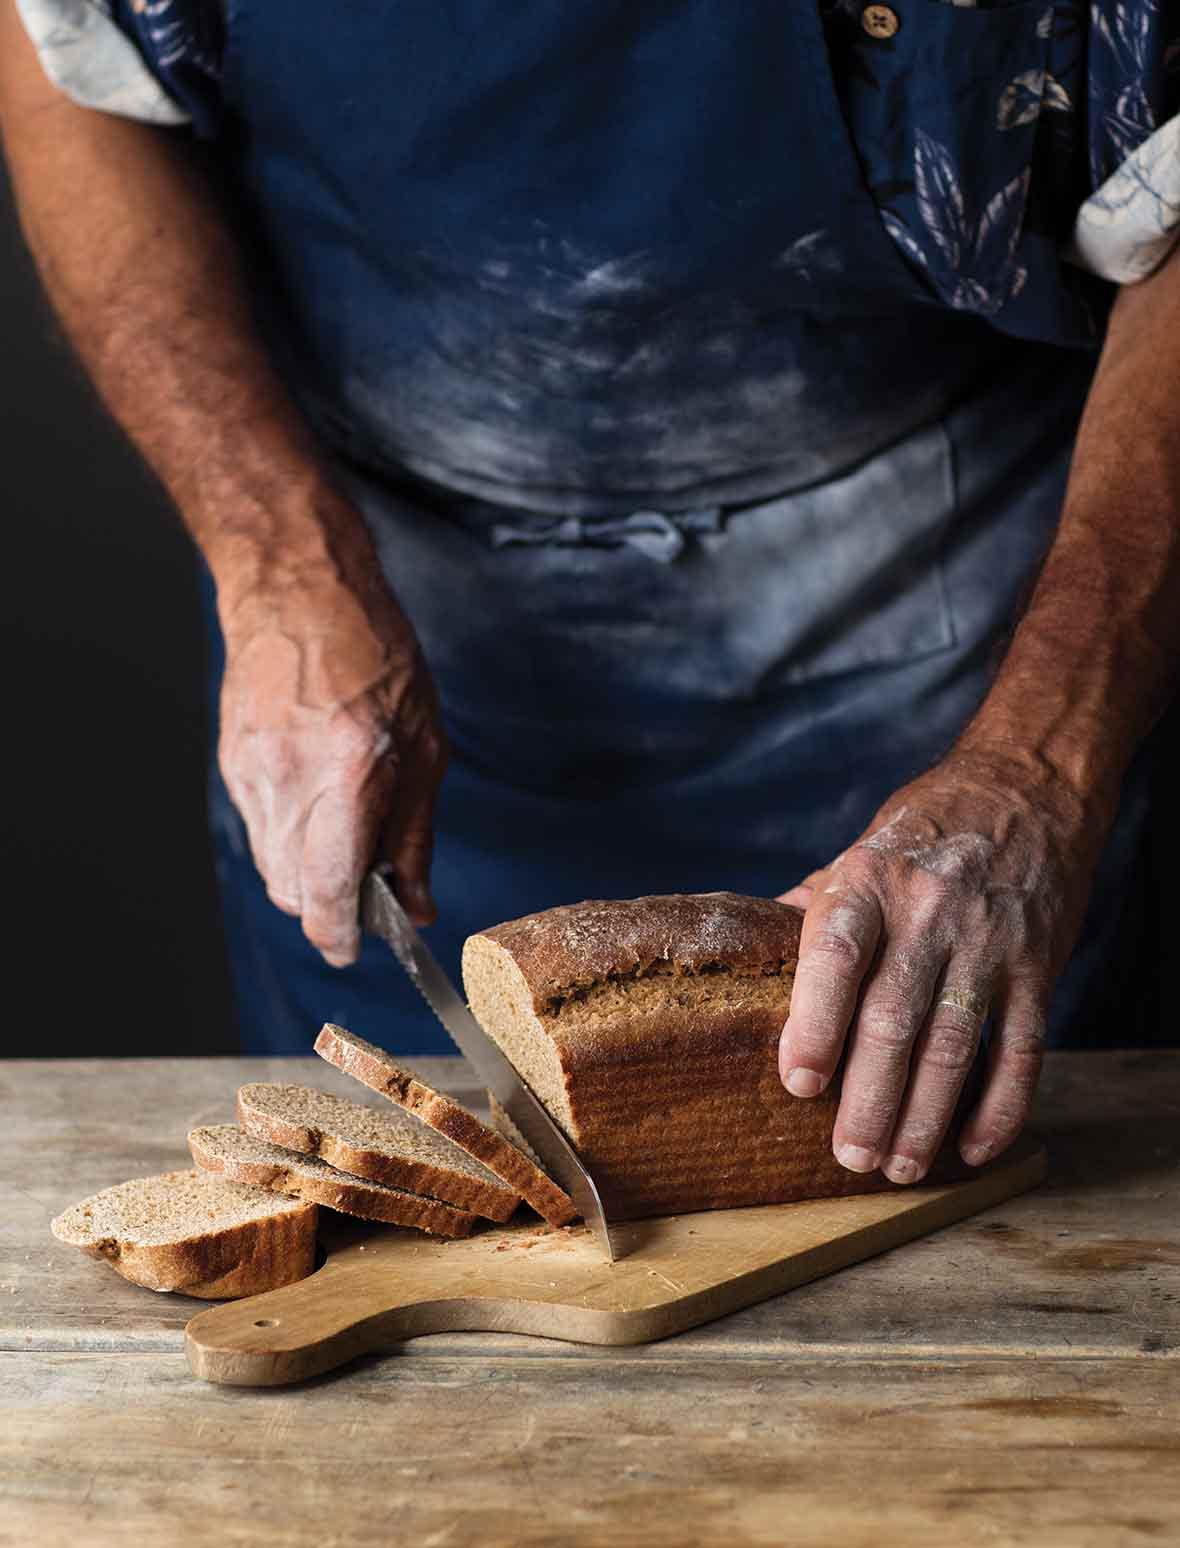 A man cutting a loaf of milk rye bread on a wooden board